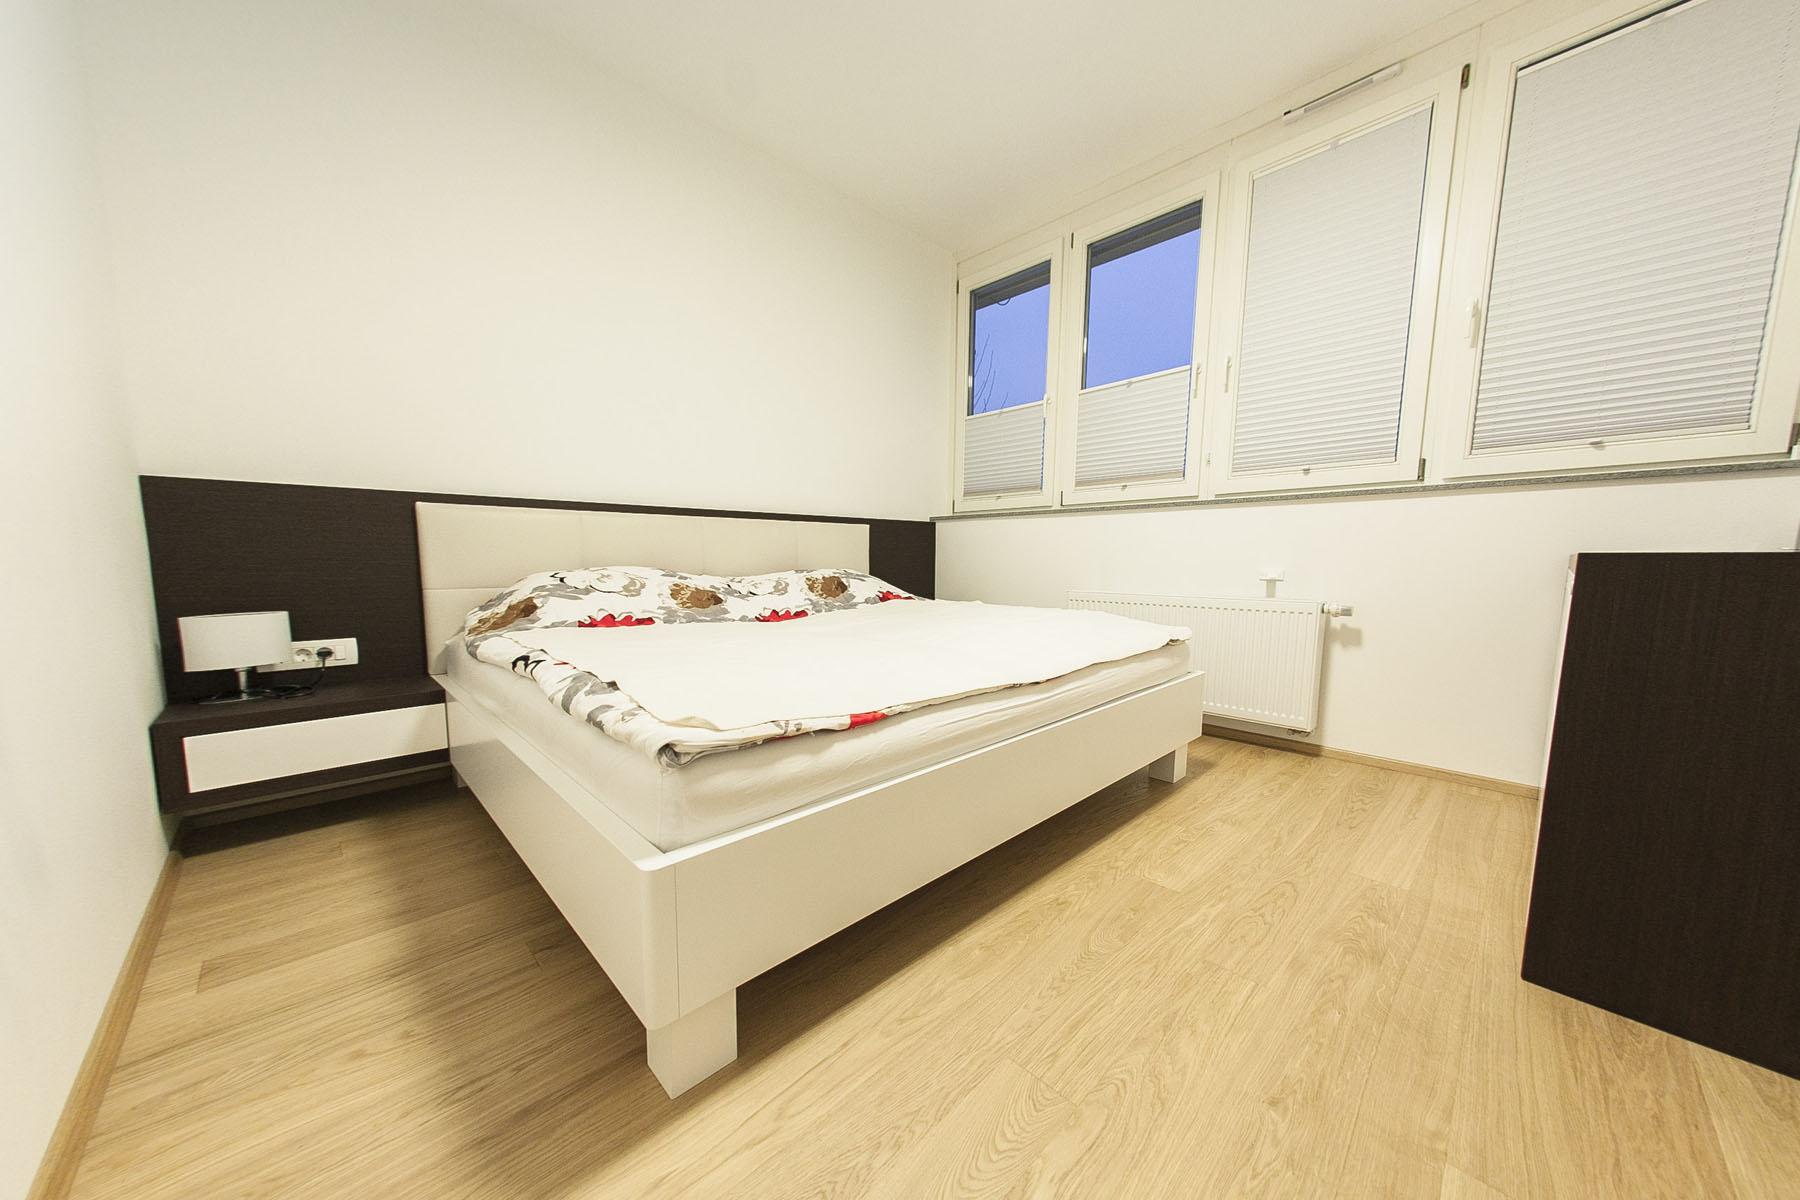 pohištvo in postelja po meri za spalnico